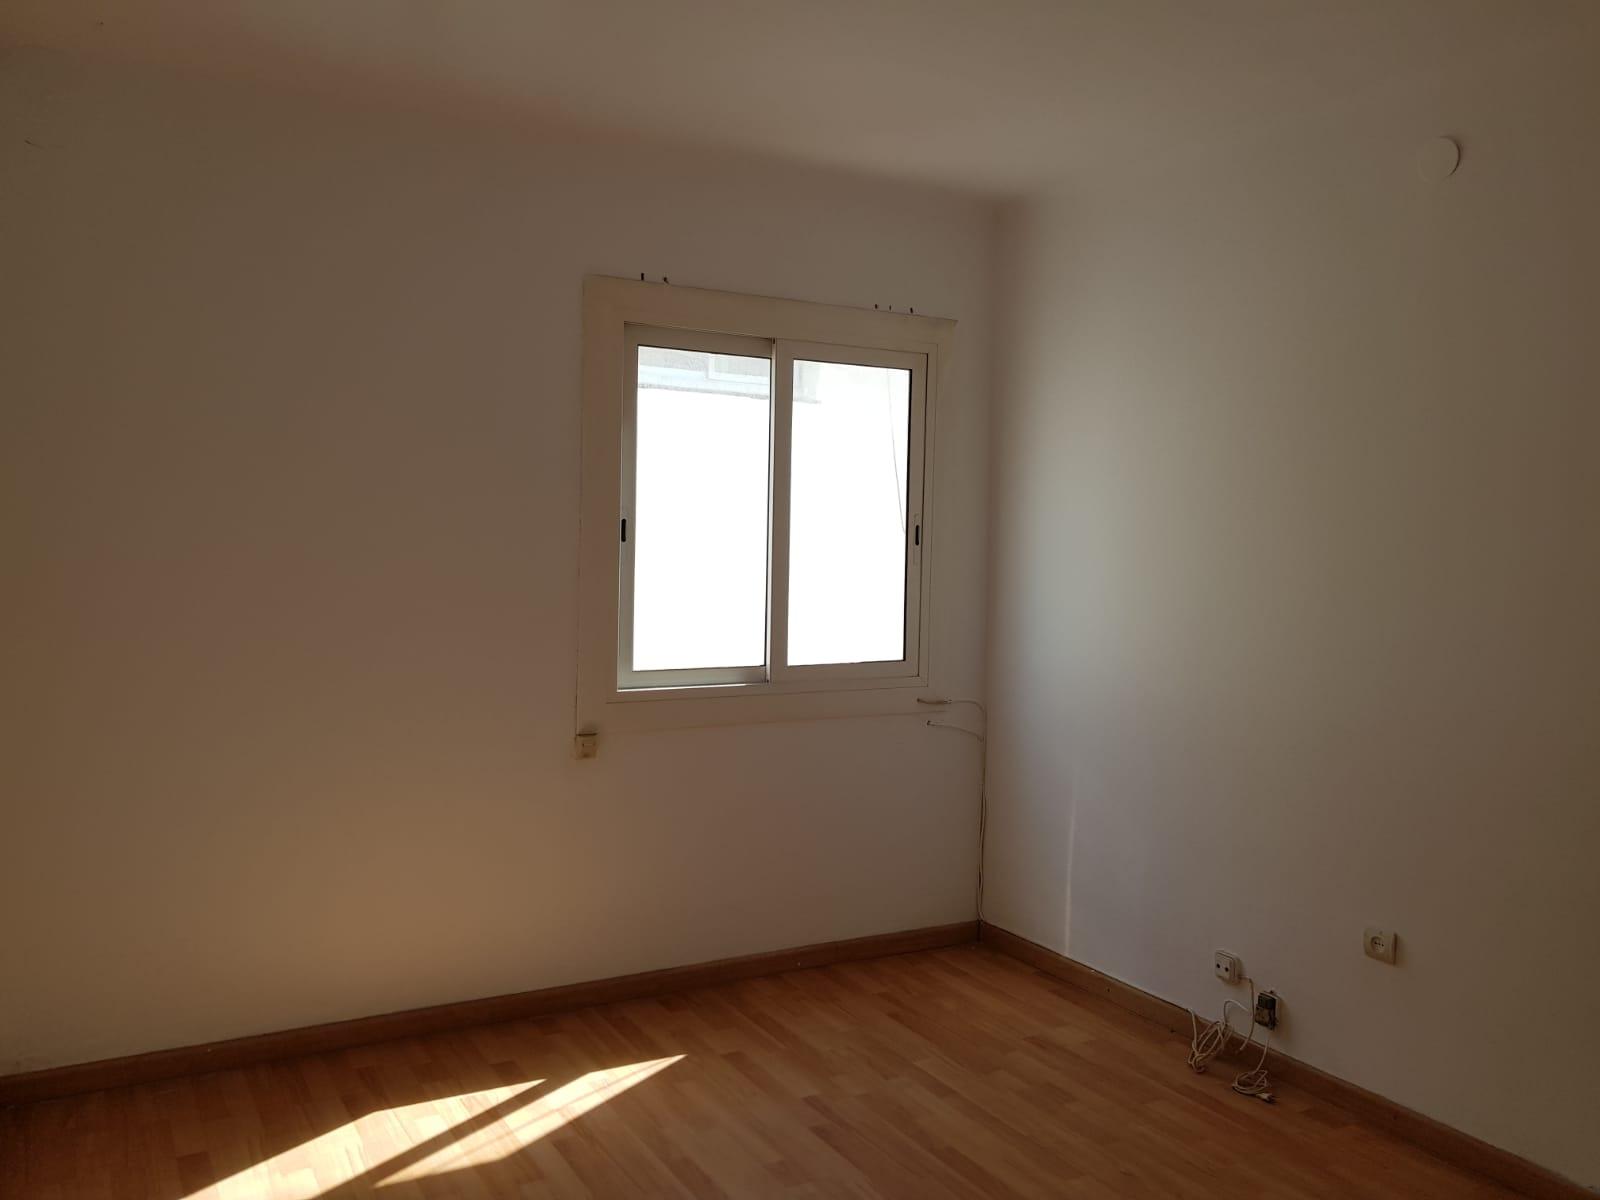 Piso en venta en Cubelles, Barcelona, Paseo Vilanova, 85.000 €, 2 habitaciones, 1 baño, 62 m2